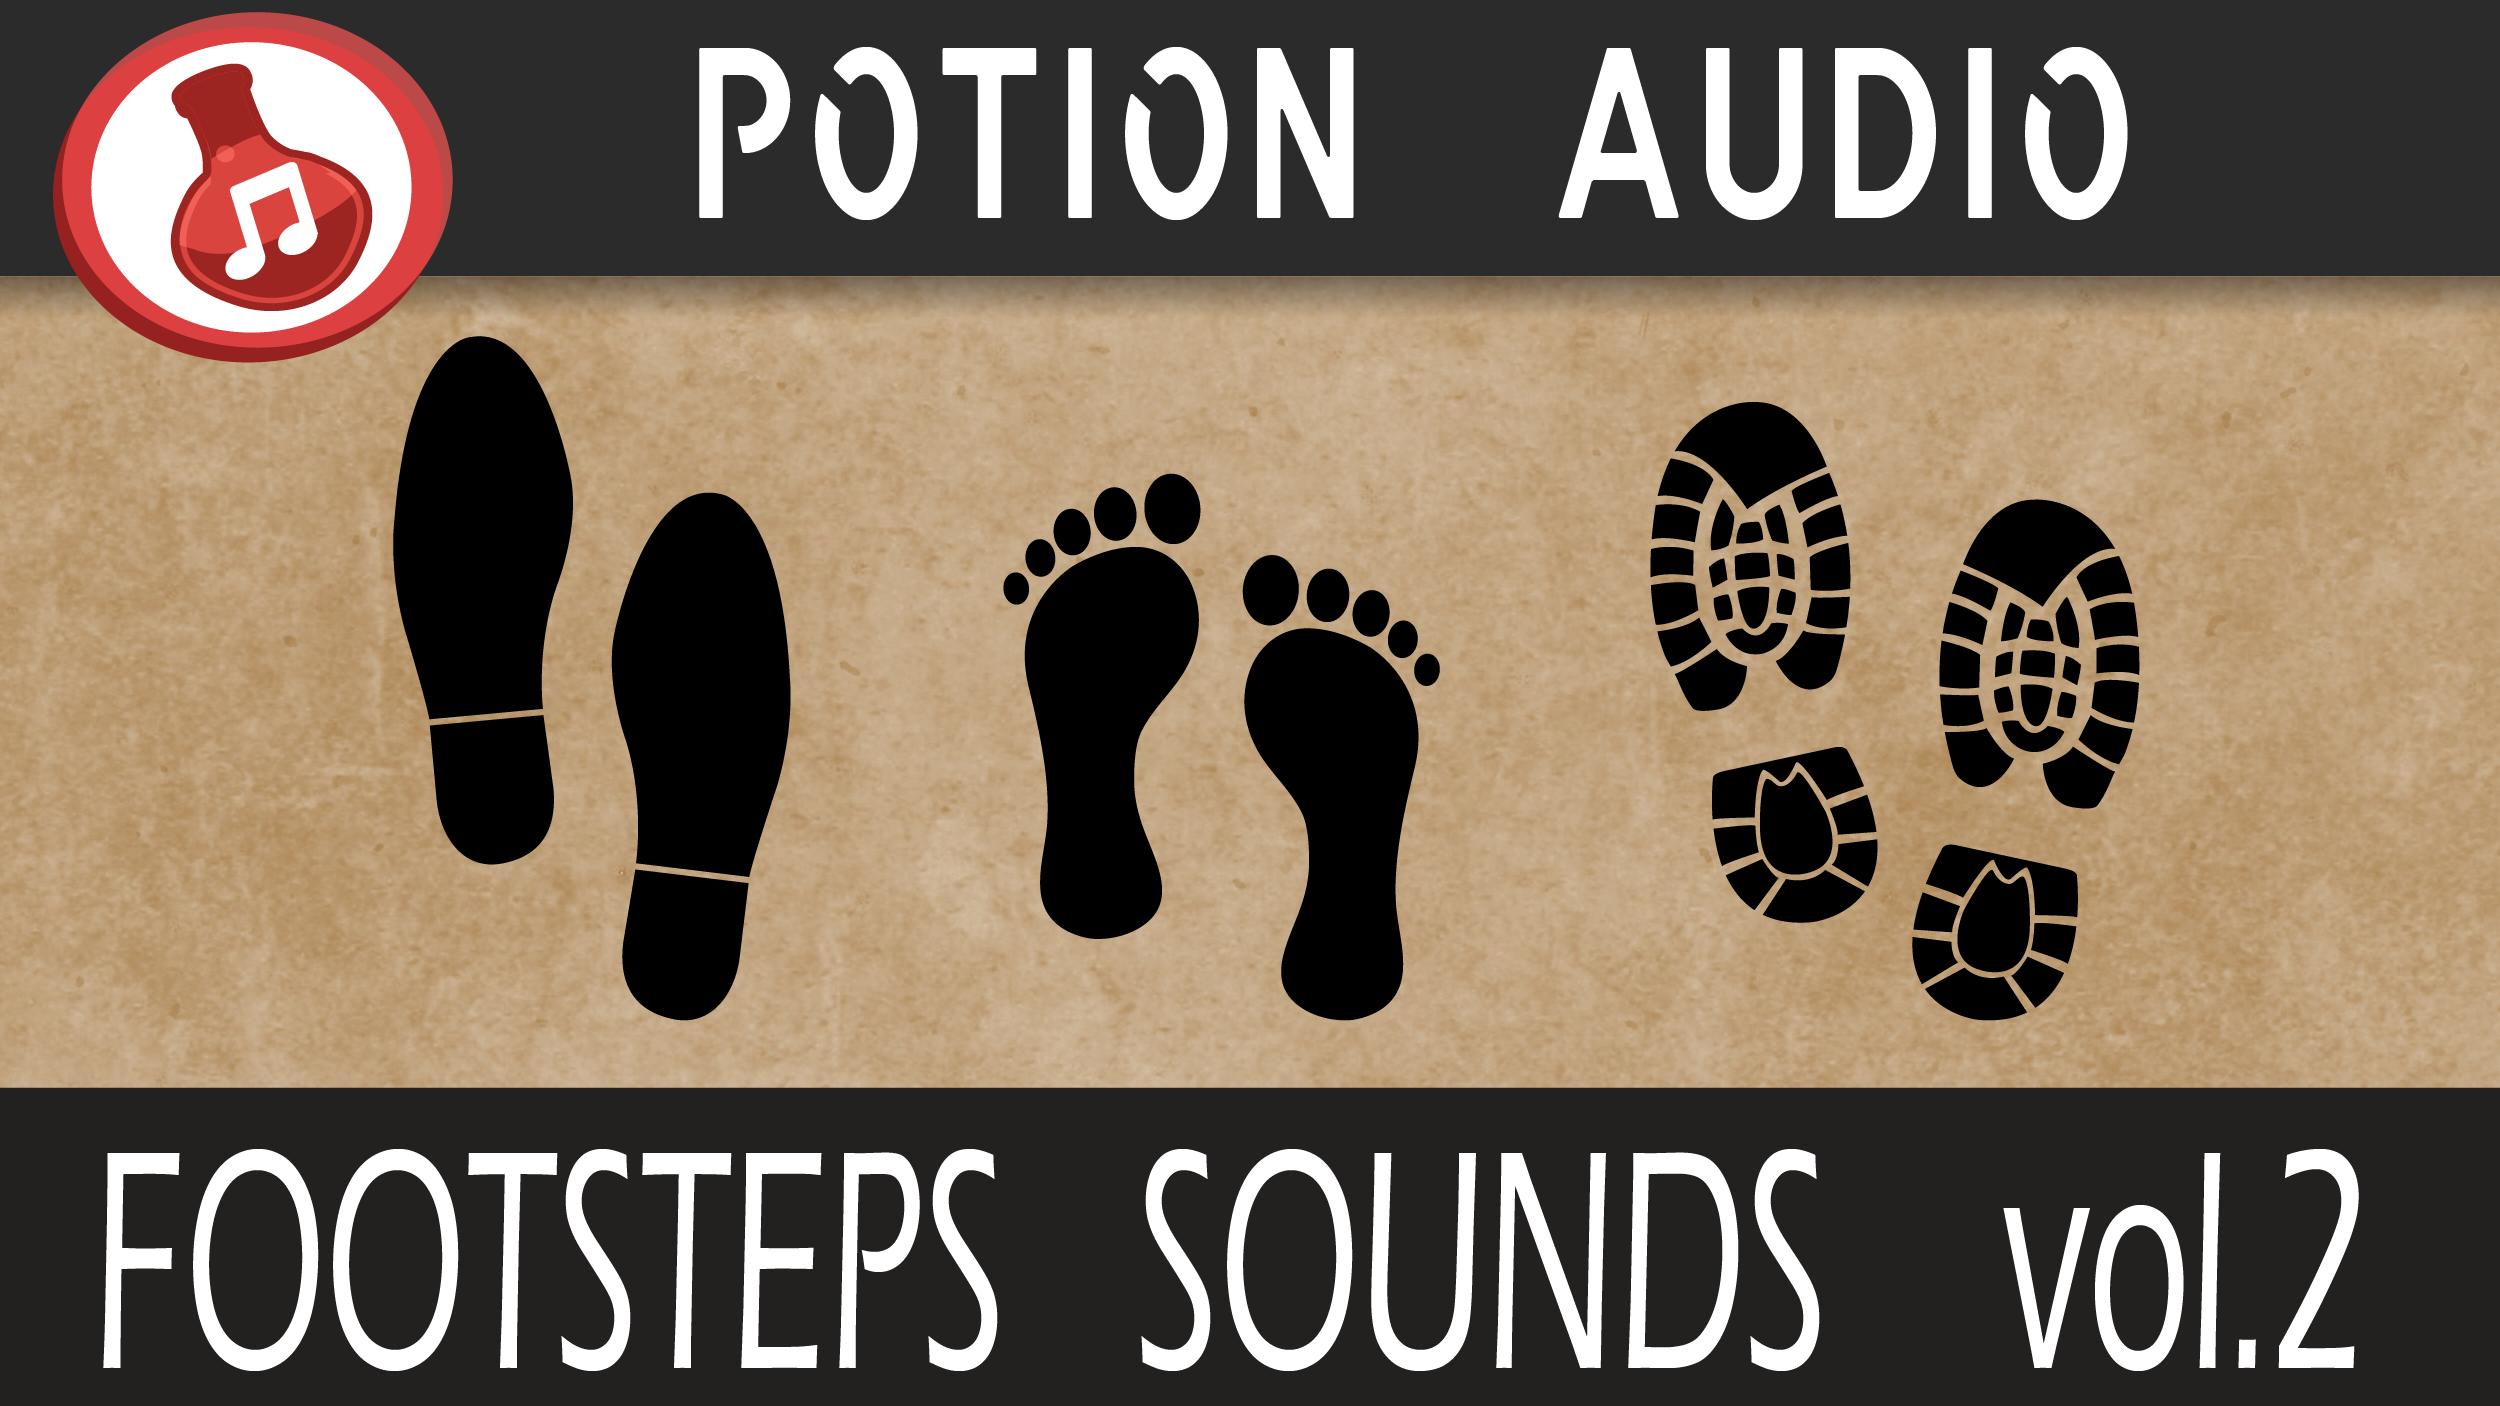 Footsteps Sounds - Volume 2